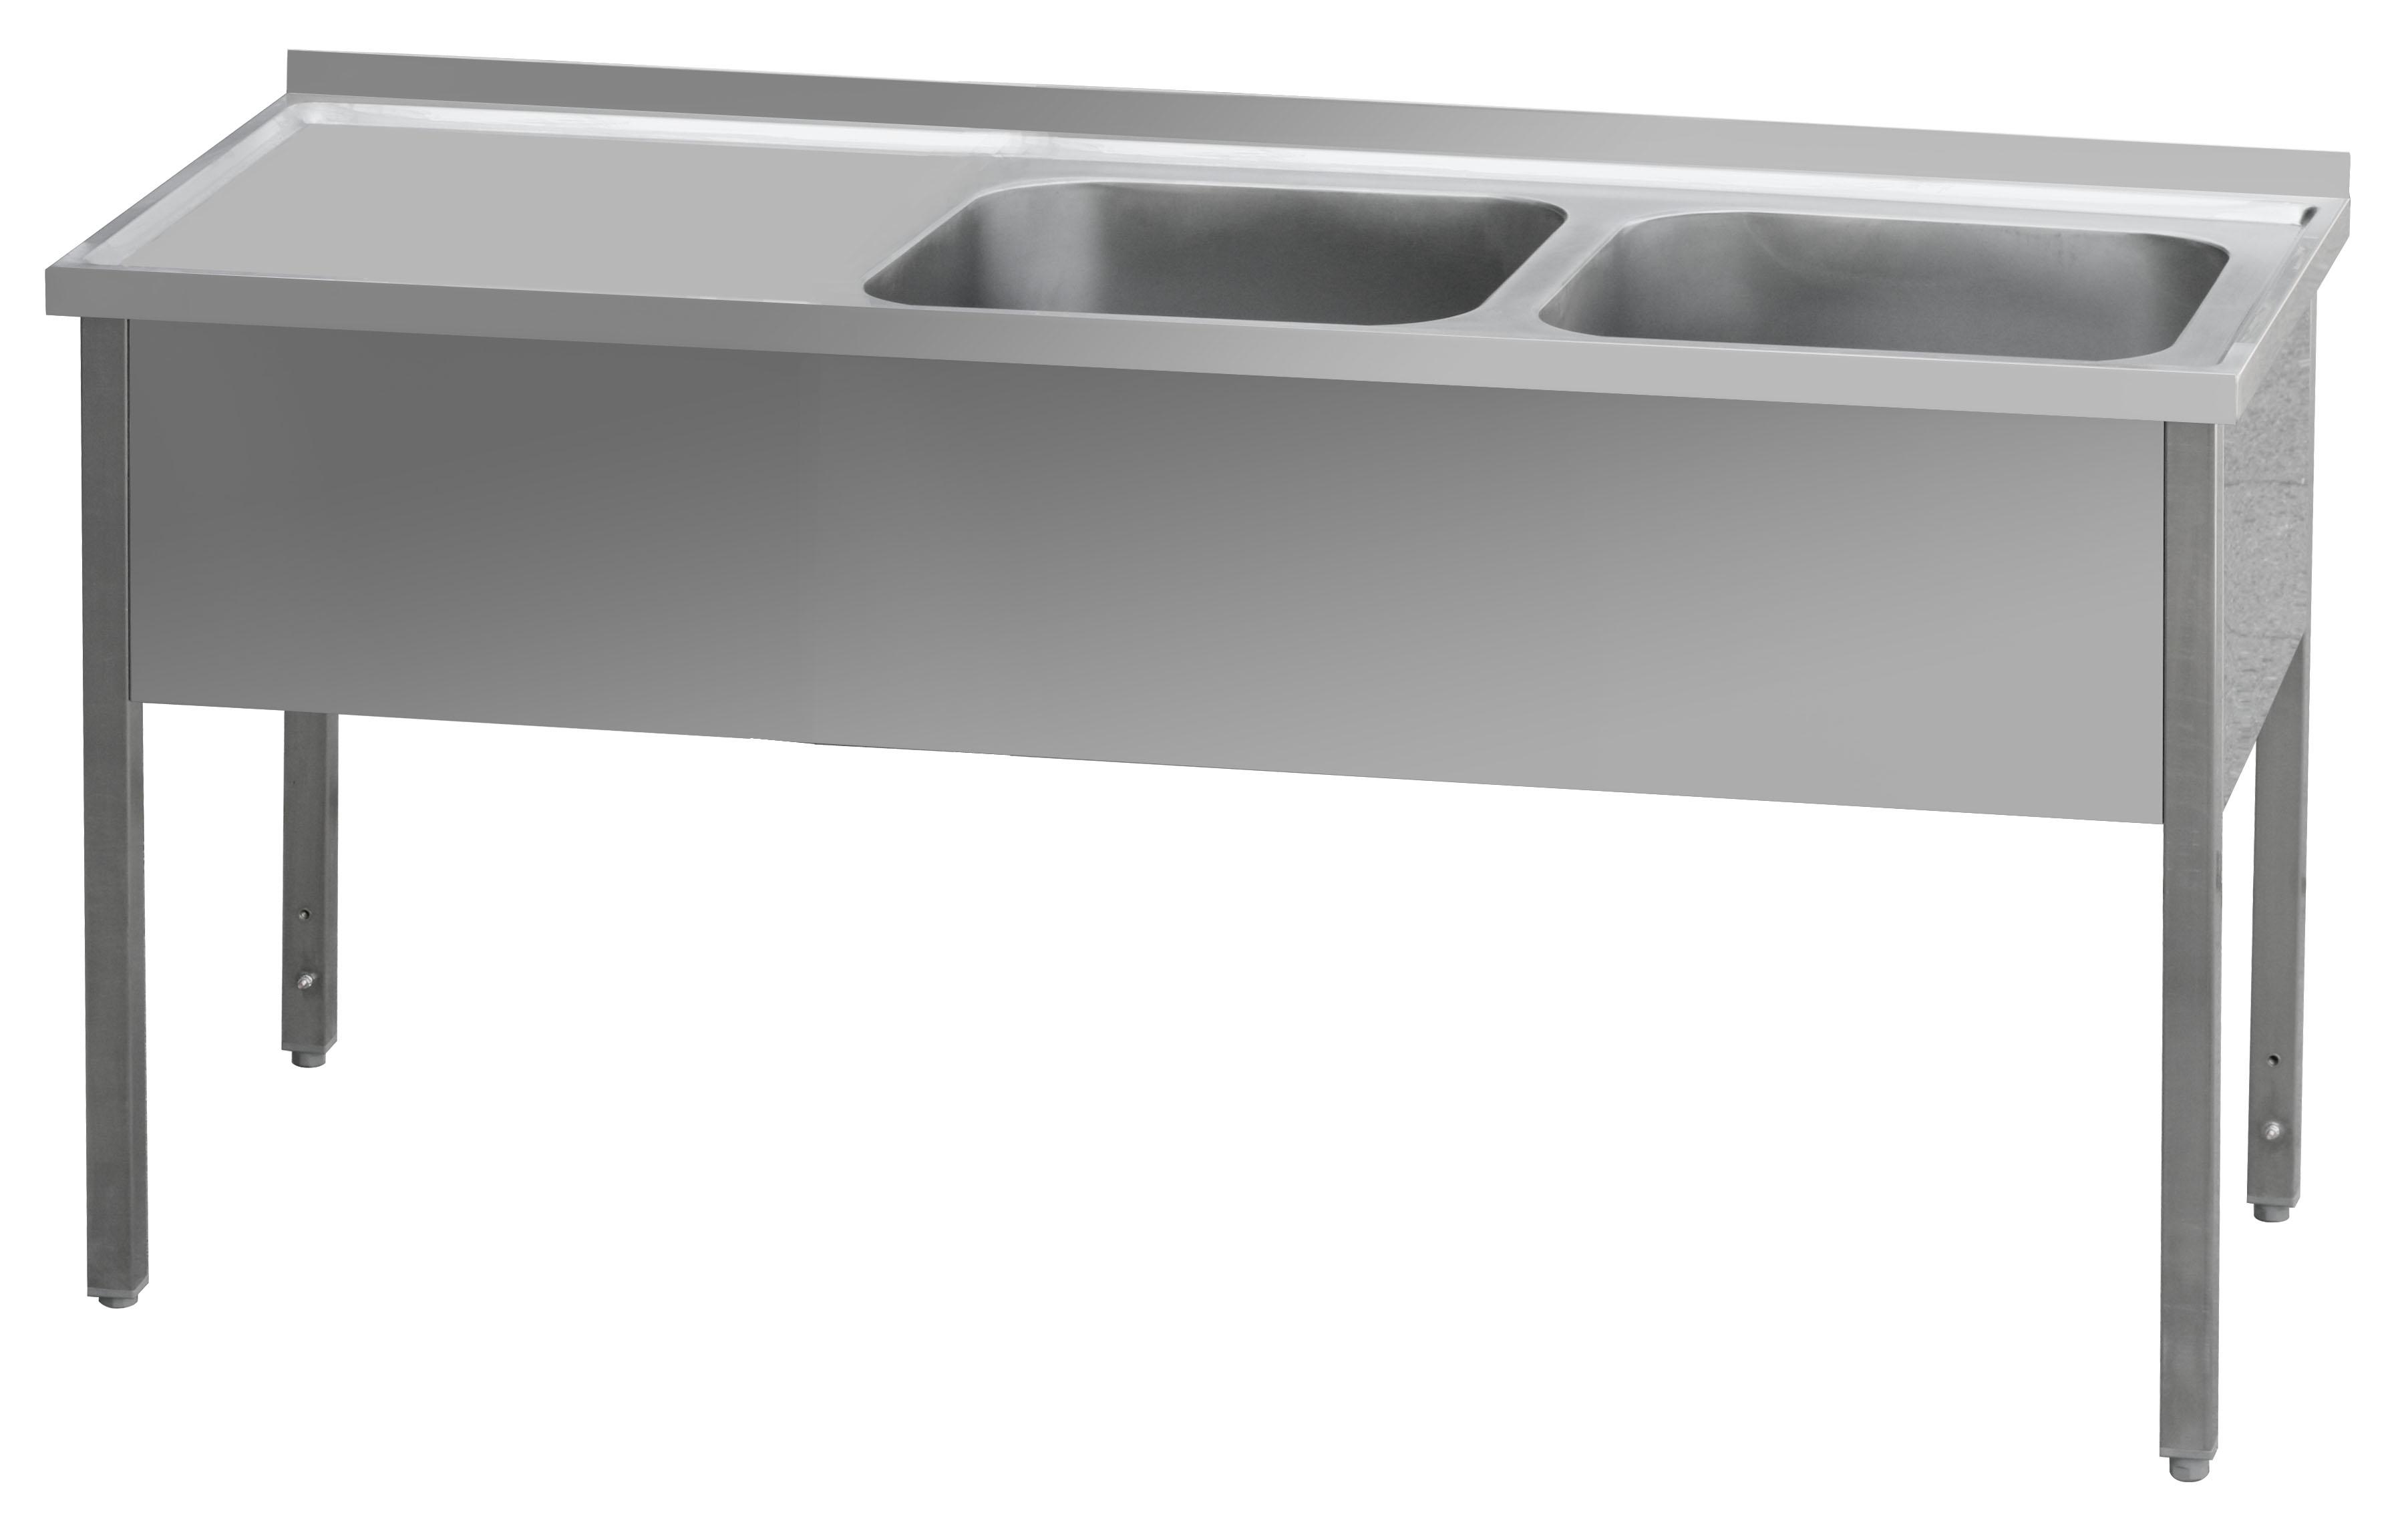 Stůl mycí dvoudřez MSDOL 160x70x90 REDFOX